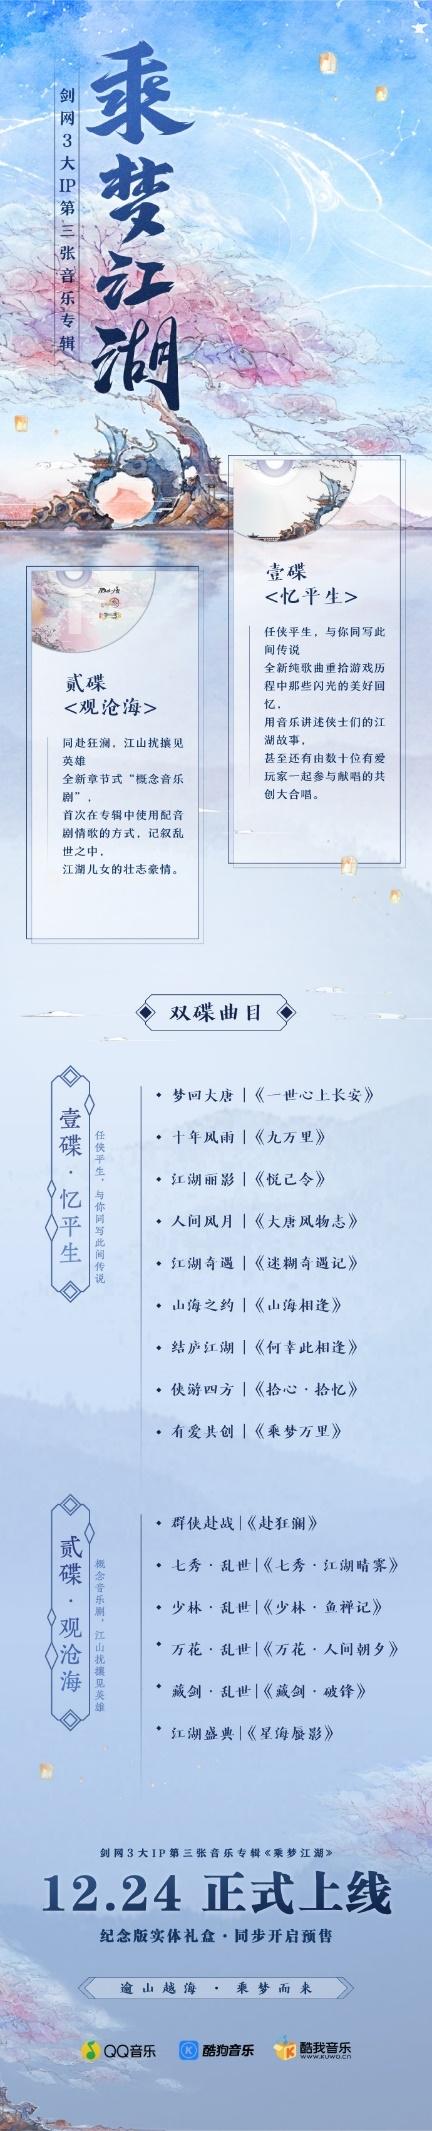 《剑网3·乘梦江湖》正式上线酷狗制作人签名明信片等你解锁